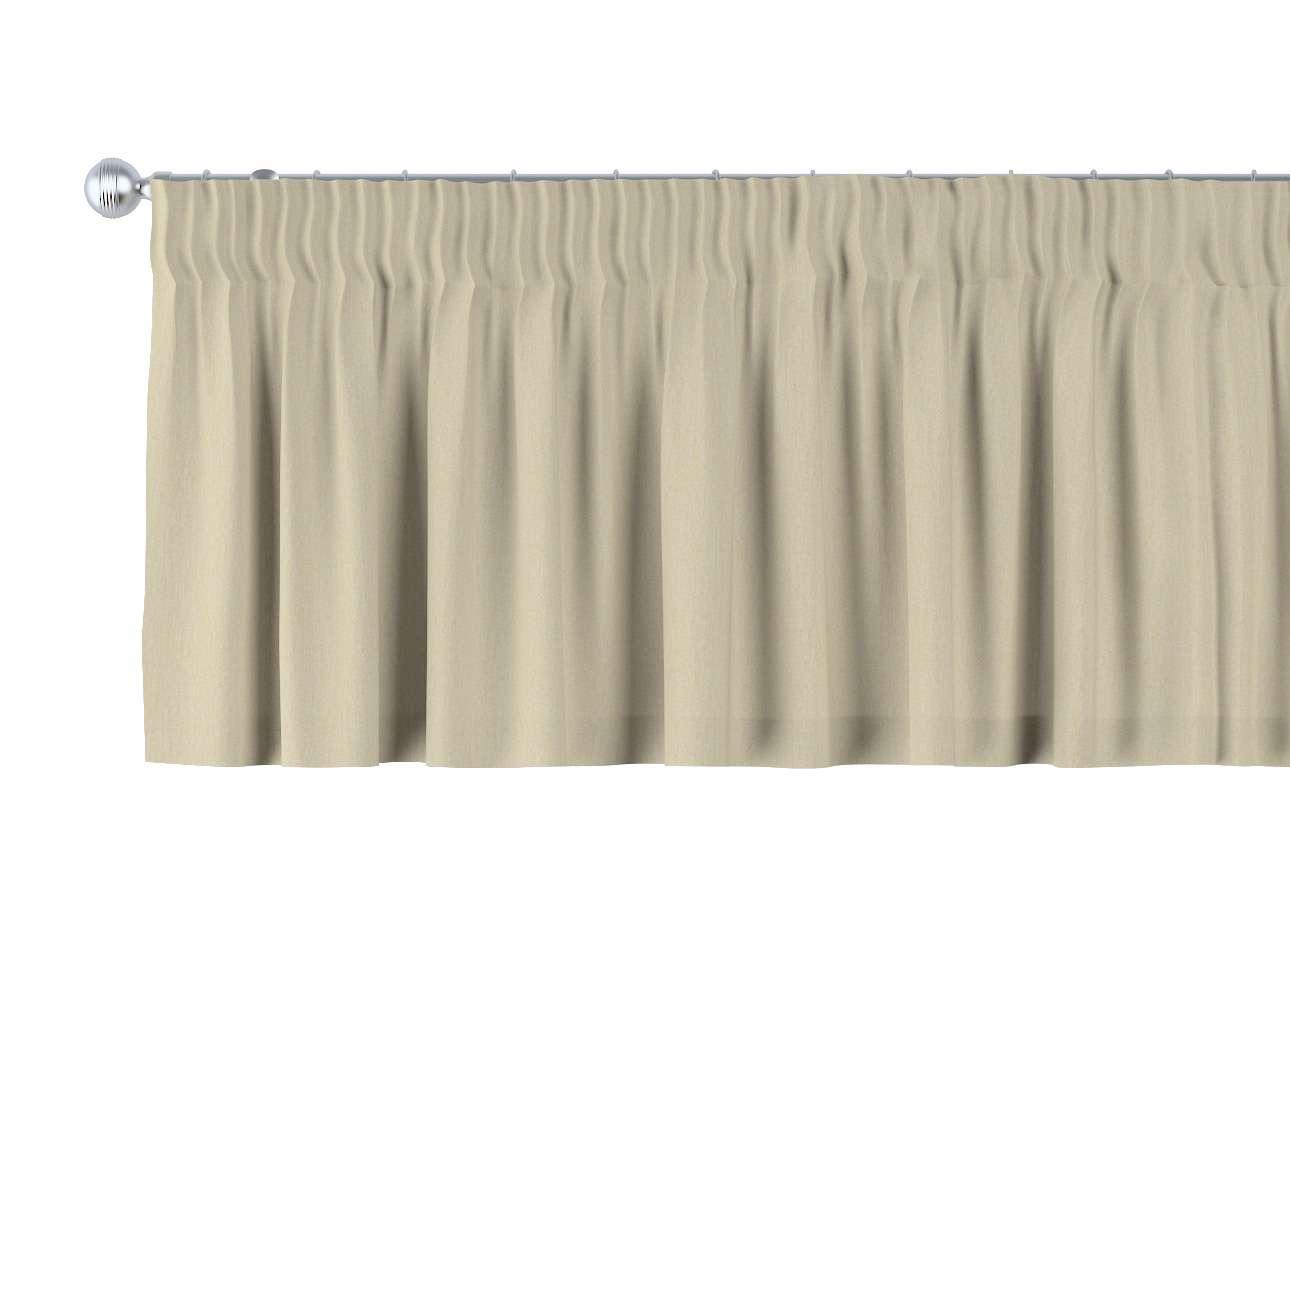 Lambrekin na taśmie marszczącej 130 x 40 cm w kolekcji Chenille, tkanina: 702-22